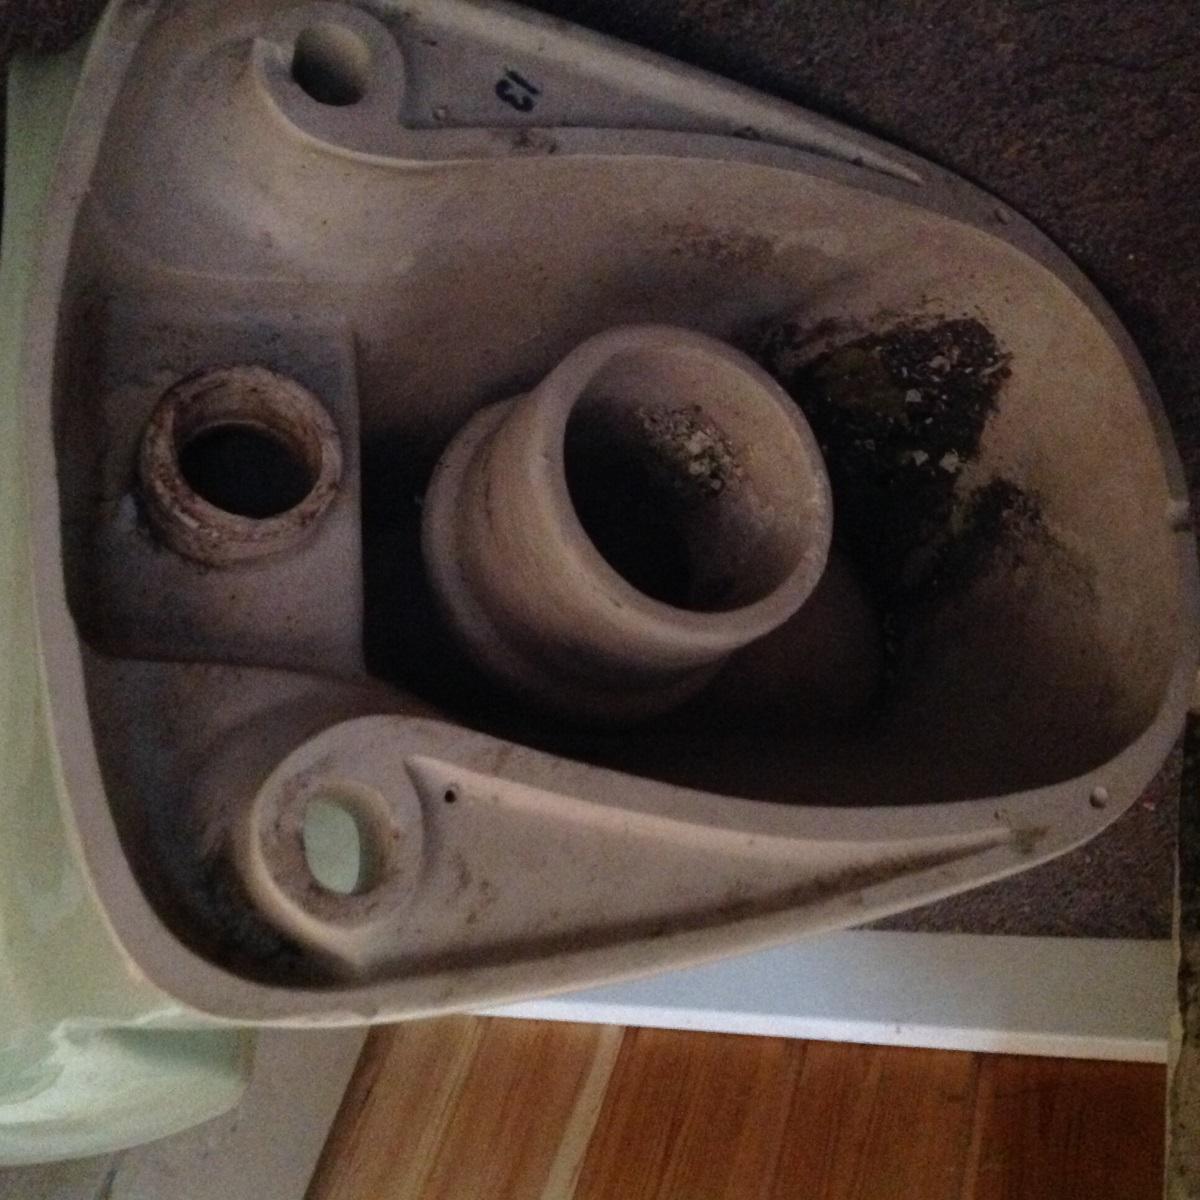 #614638 Dette års Ifö Toilet På Geberit Duofix Stativ. Lav Det Selv.dk Forum Gør Det Selv Væghængt Toilet 6321 120012006321